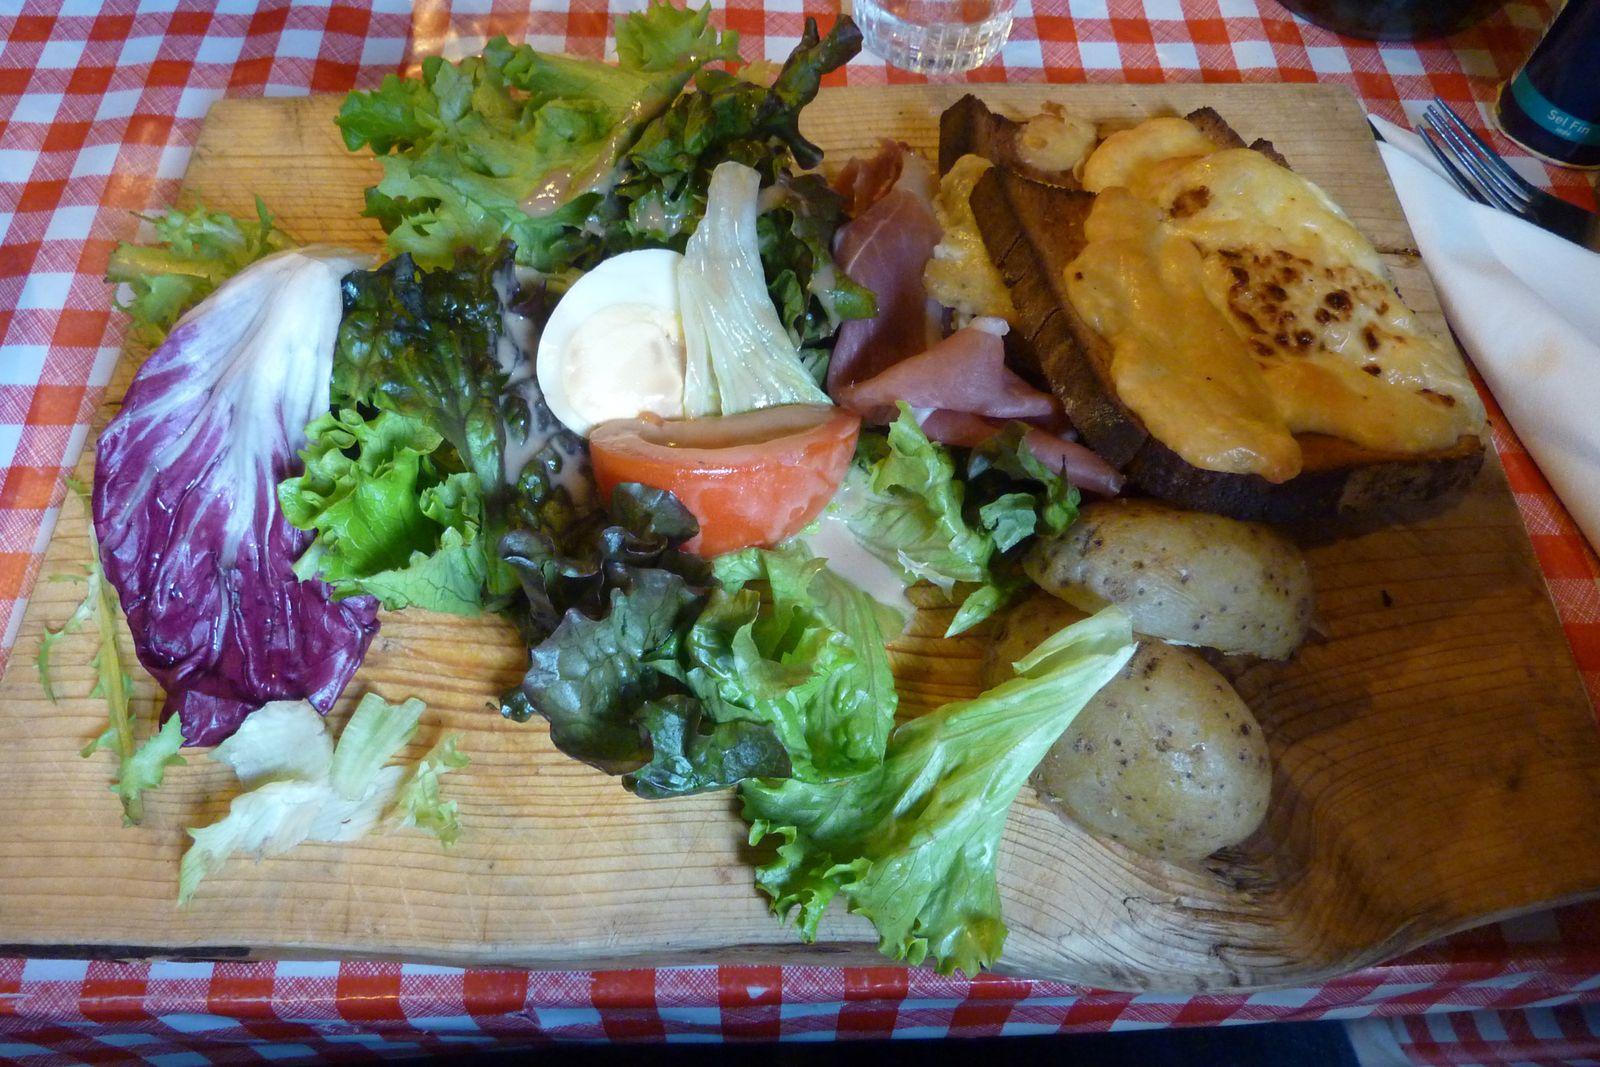 Plancha savoyarde : jambon de pays, salade, pommes de terre et toasts de raclette